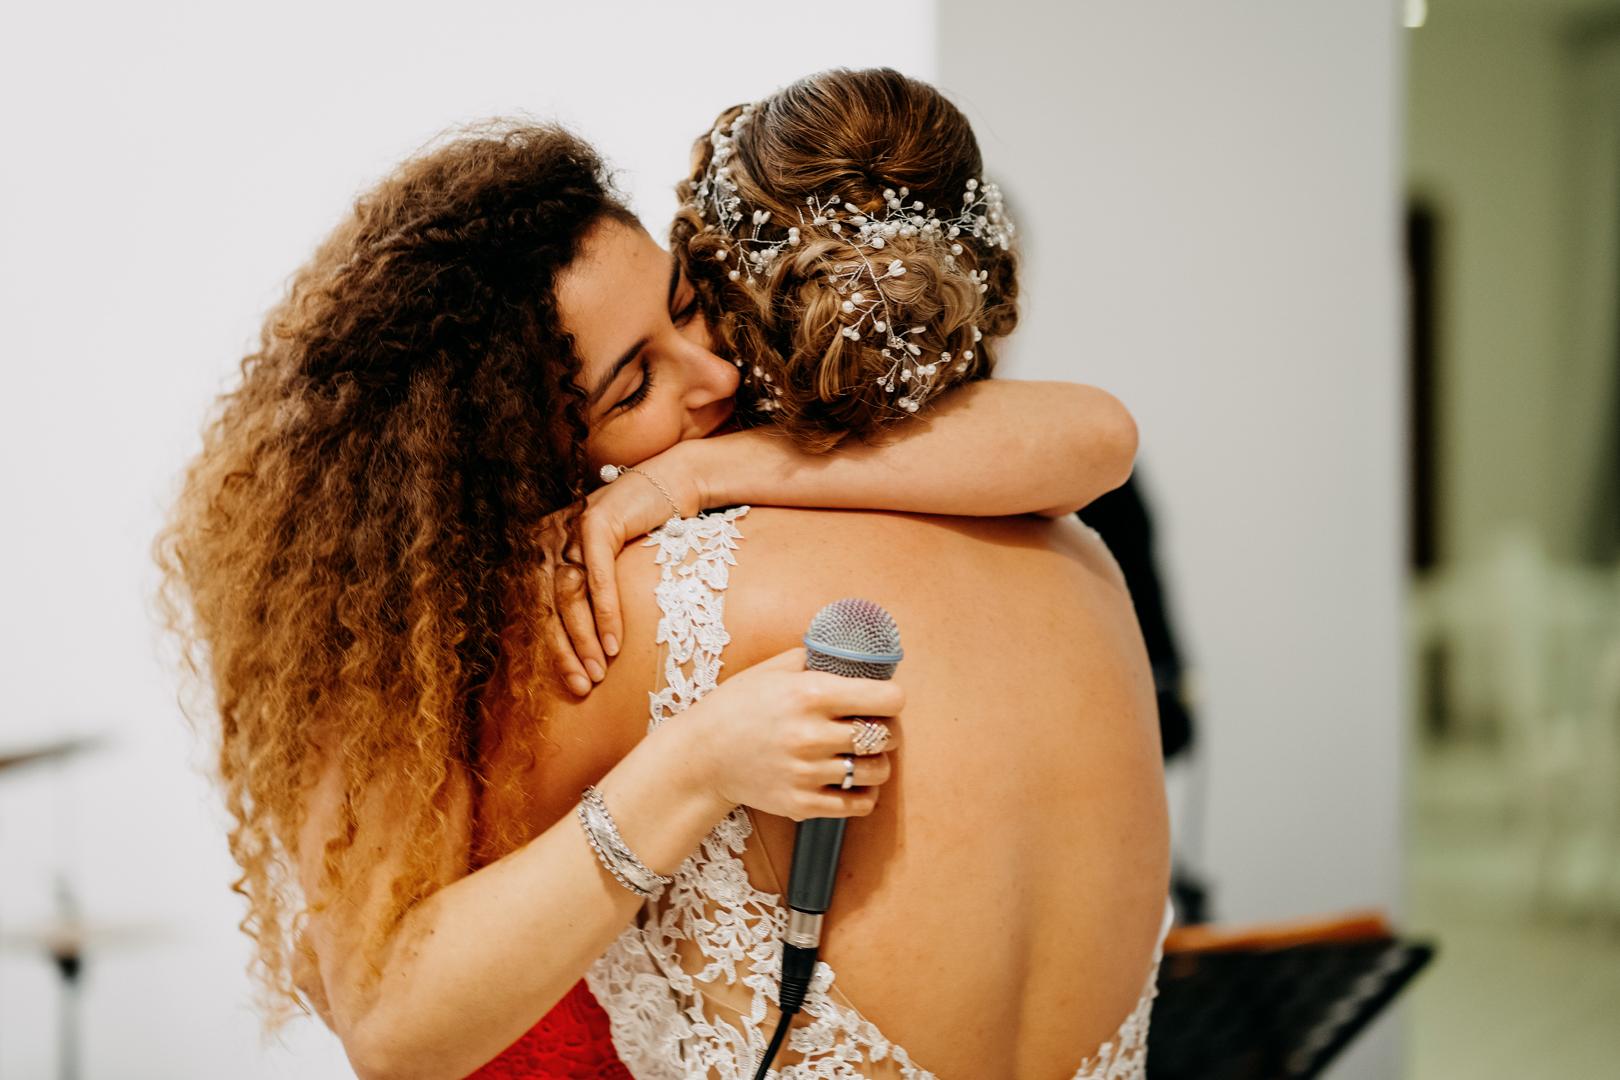 54 matrimonio-mare-amica-testimone-emozioni-abbraccio-gianni-lepore